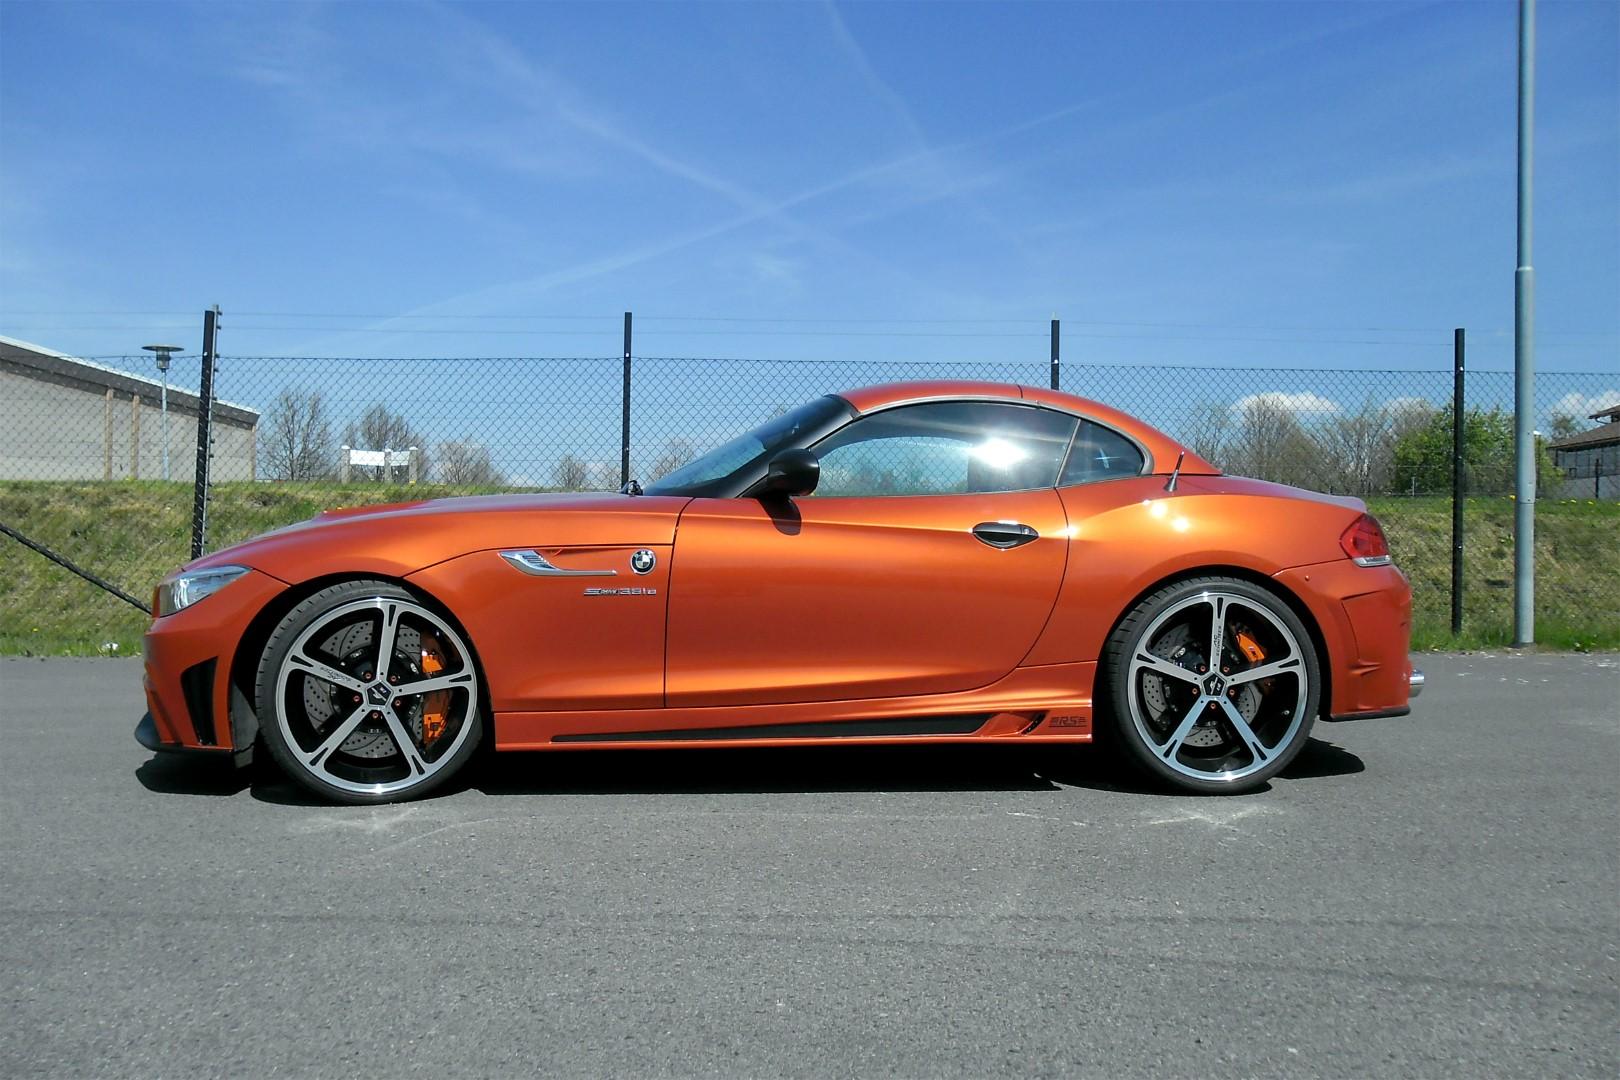 BMW Z4 brake kits